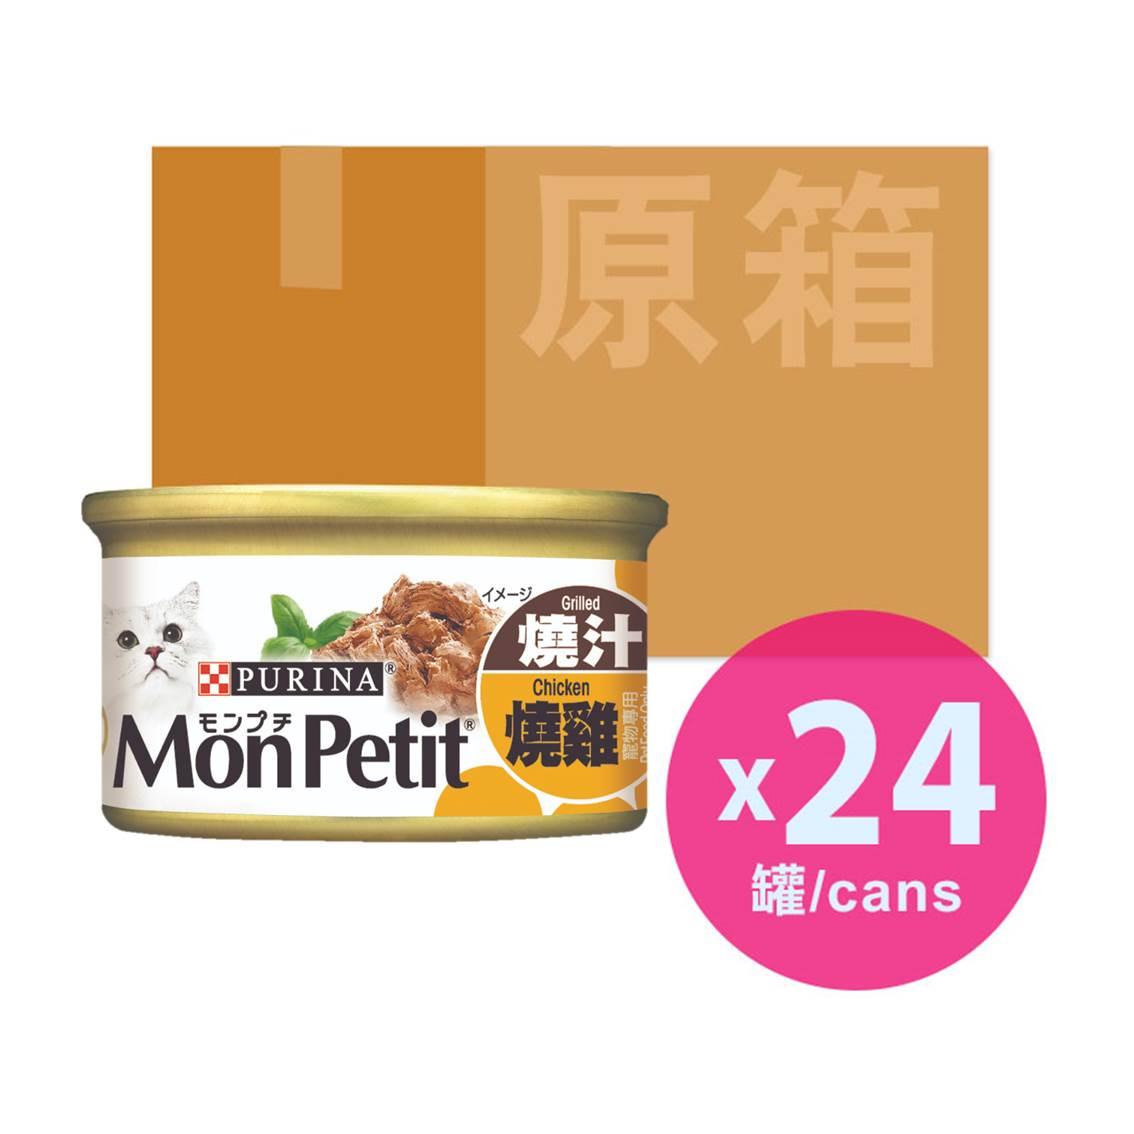 MON PETIT原箱至尊精選燒雞24X85G